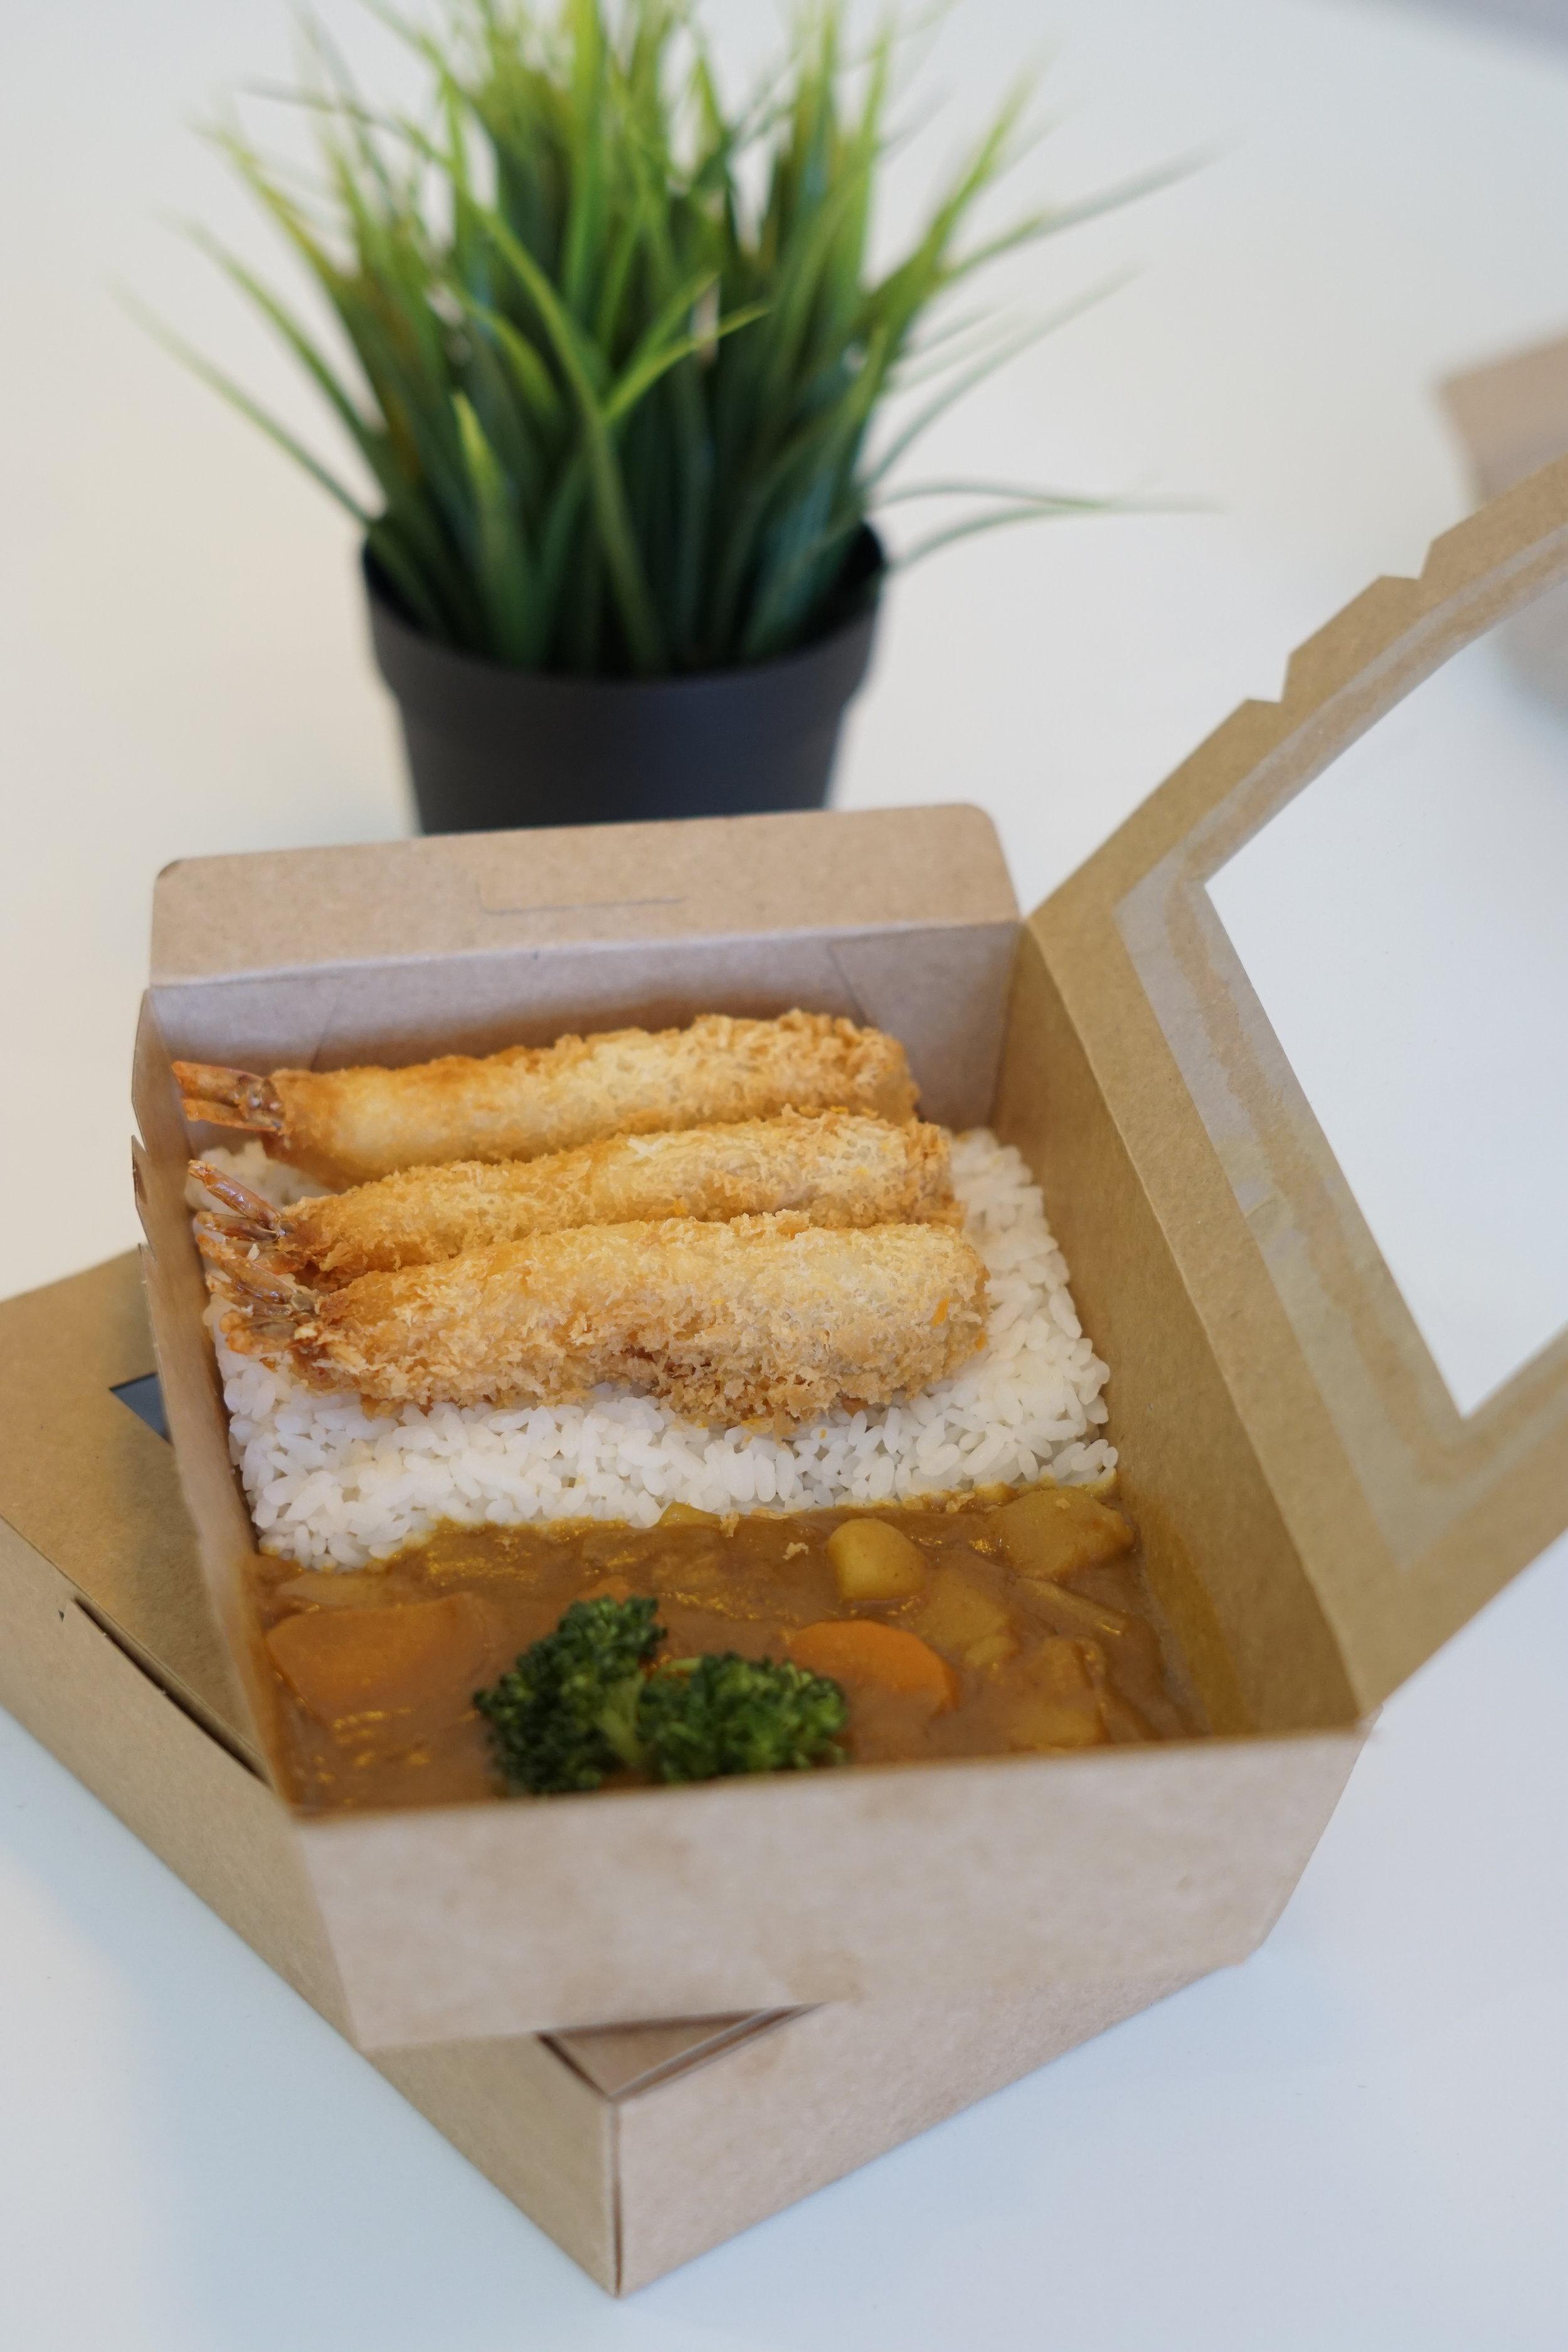 炸天婦羅蝦便當| Fried Tempura Prawn Bento | 唐揚げ天婦羅エビ弁と